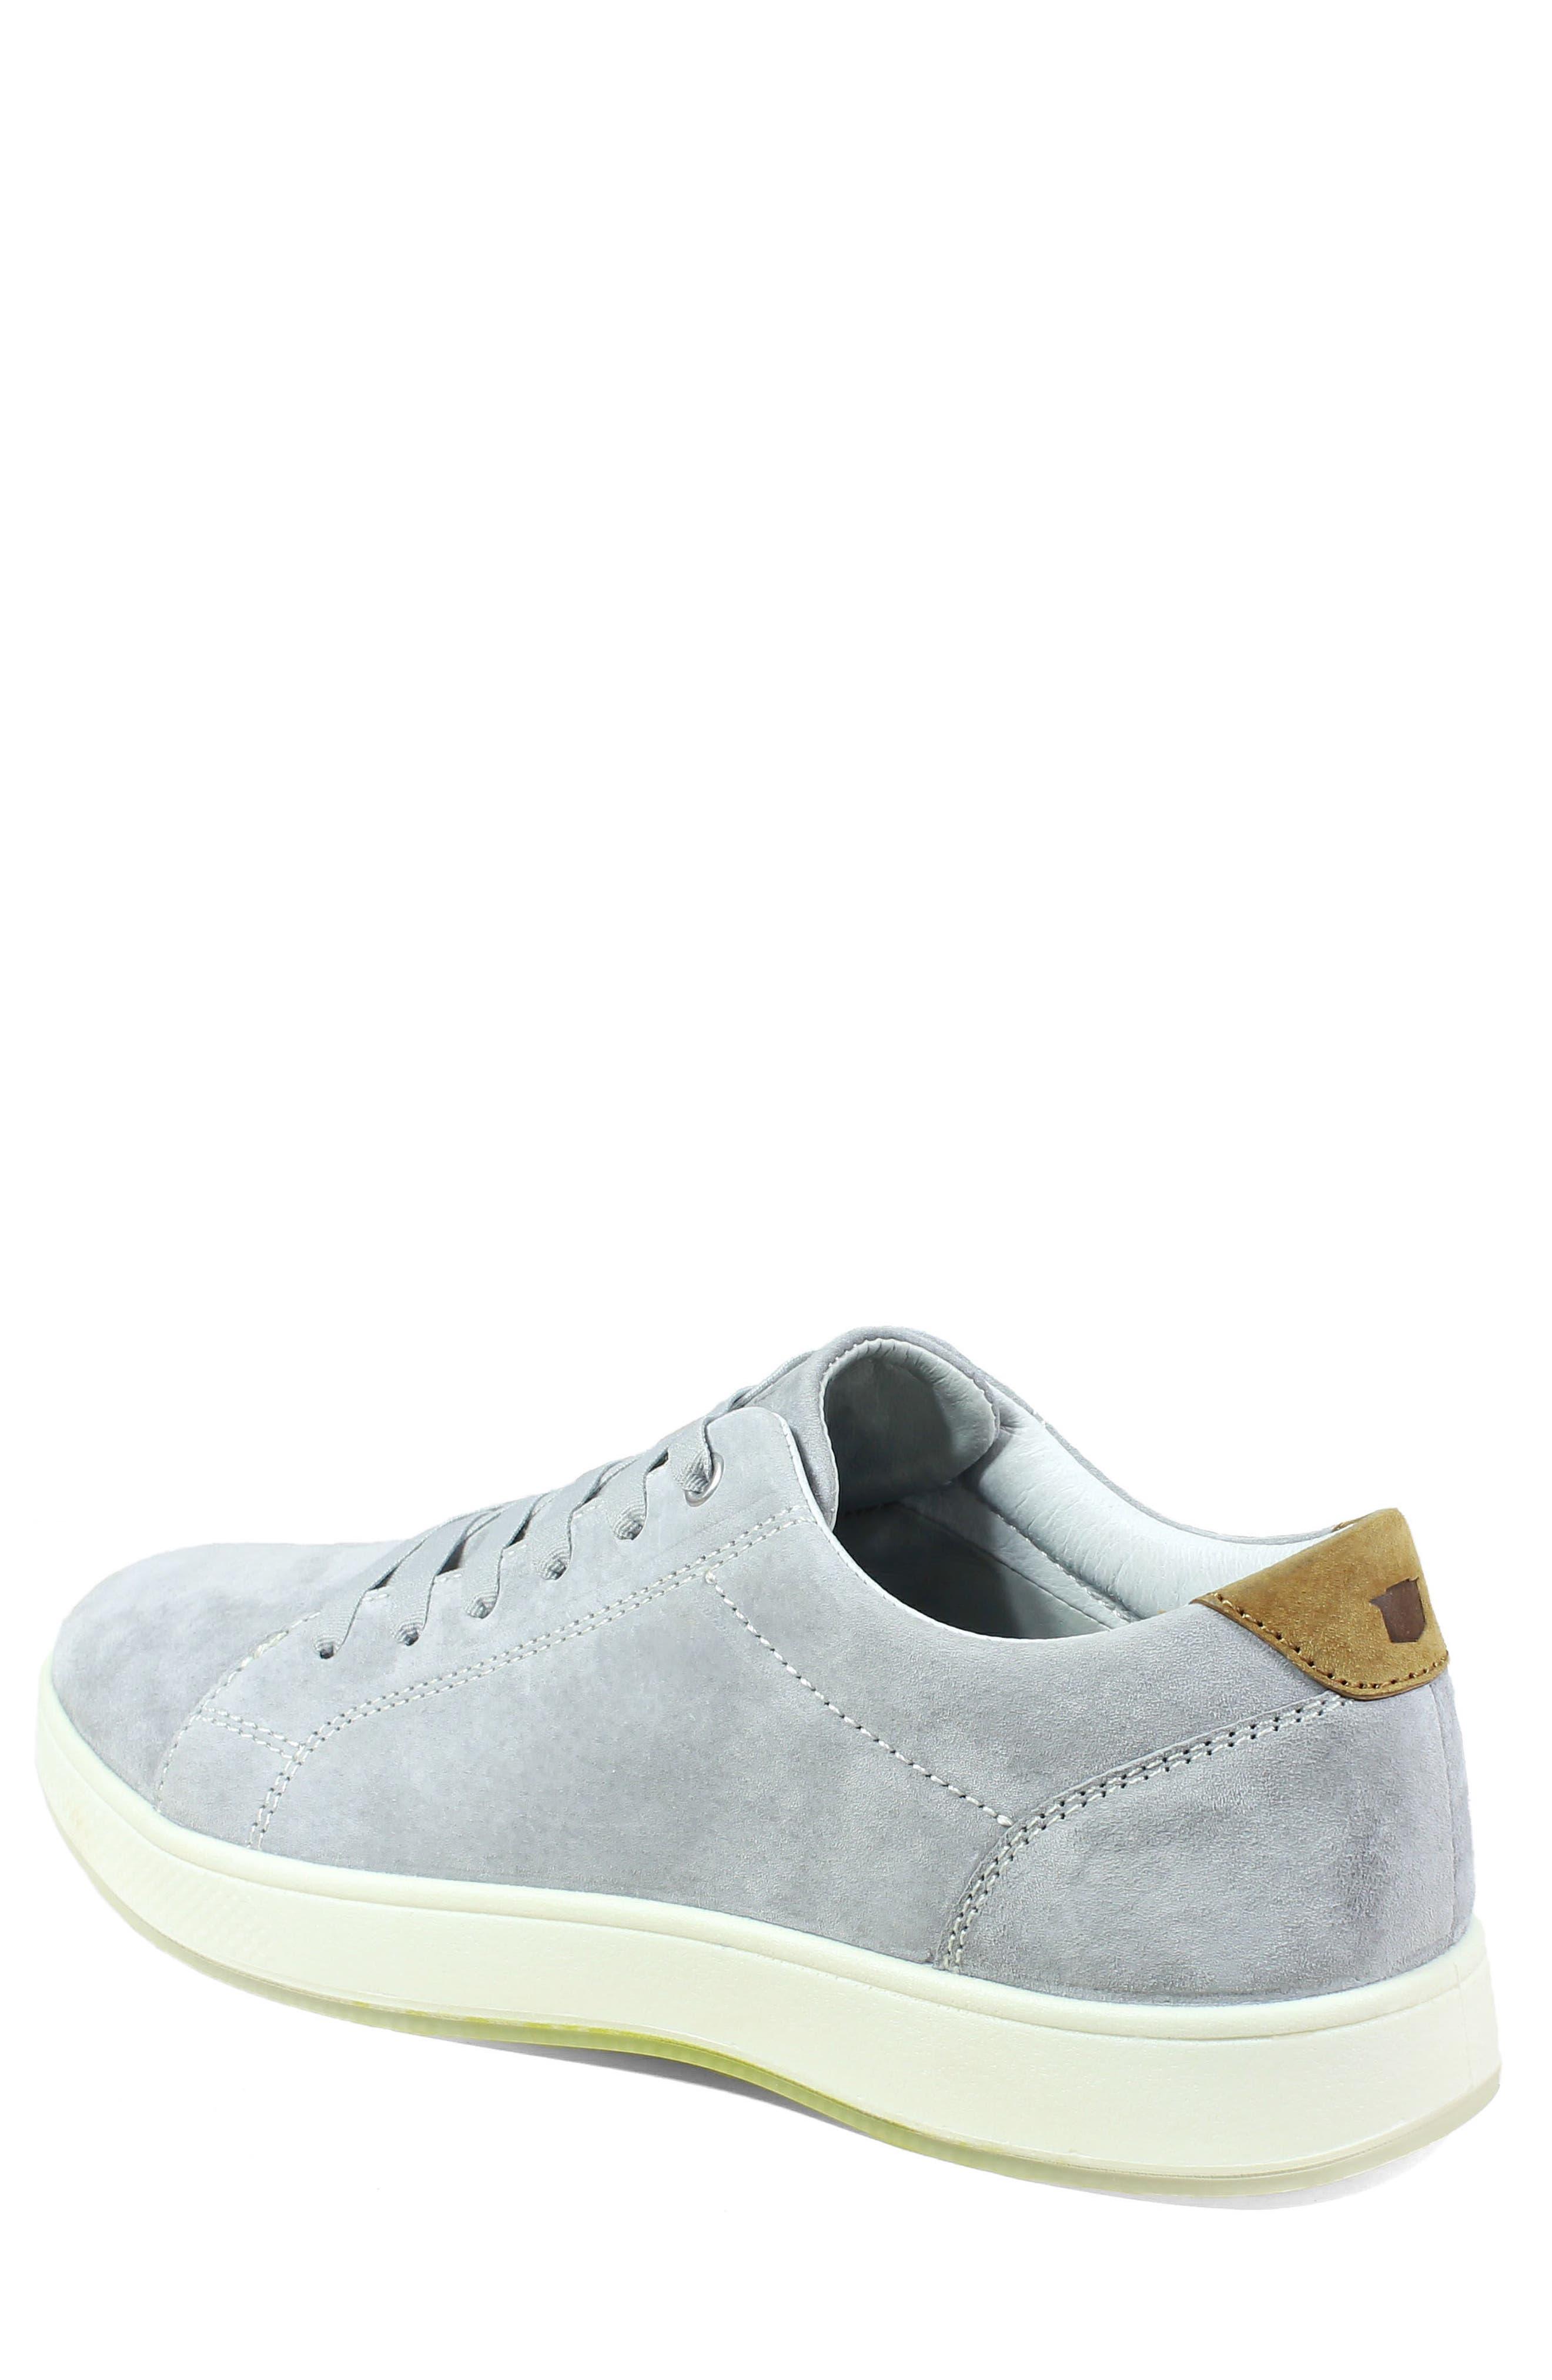 Edge Low Top Sneaker,                             Alternate thumbnail 2, color,                             Gray Nubuck